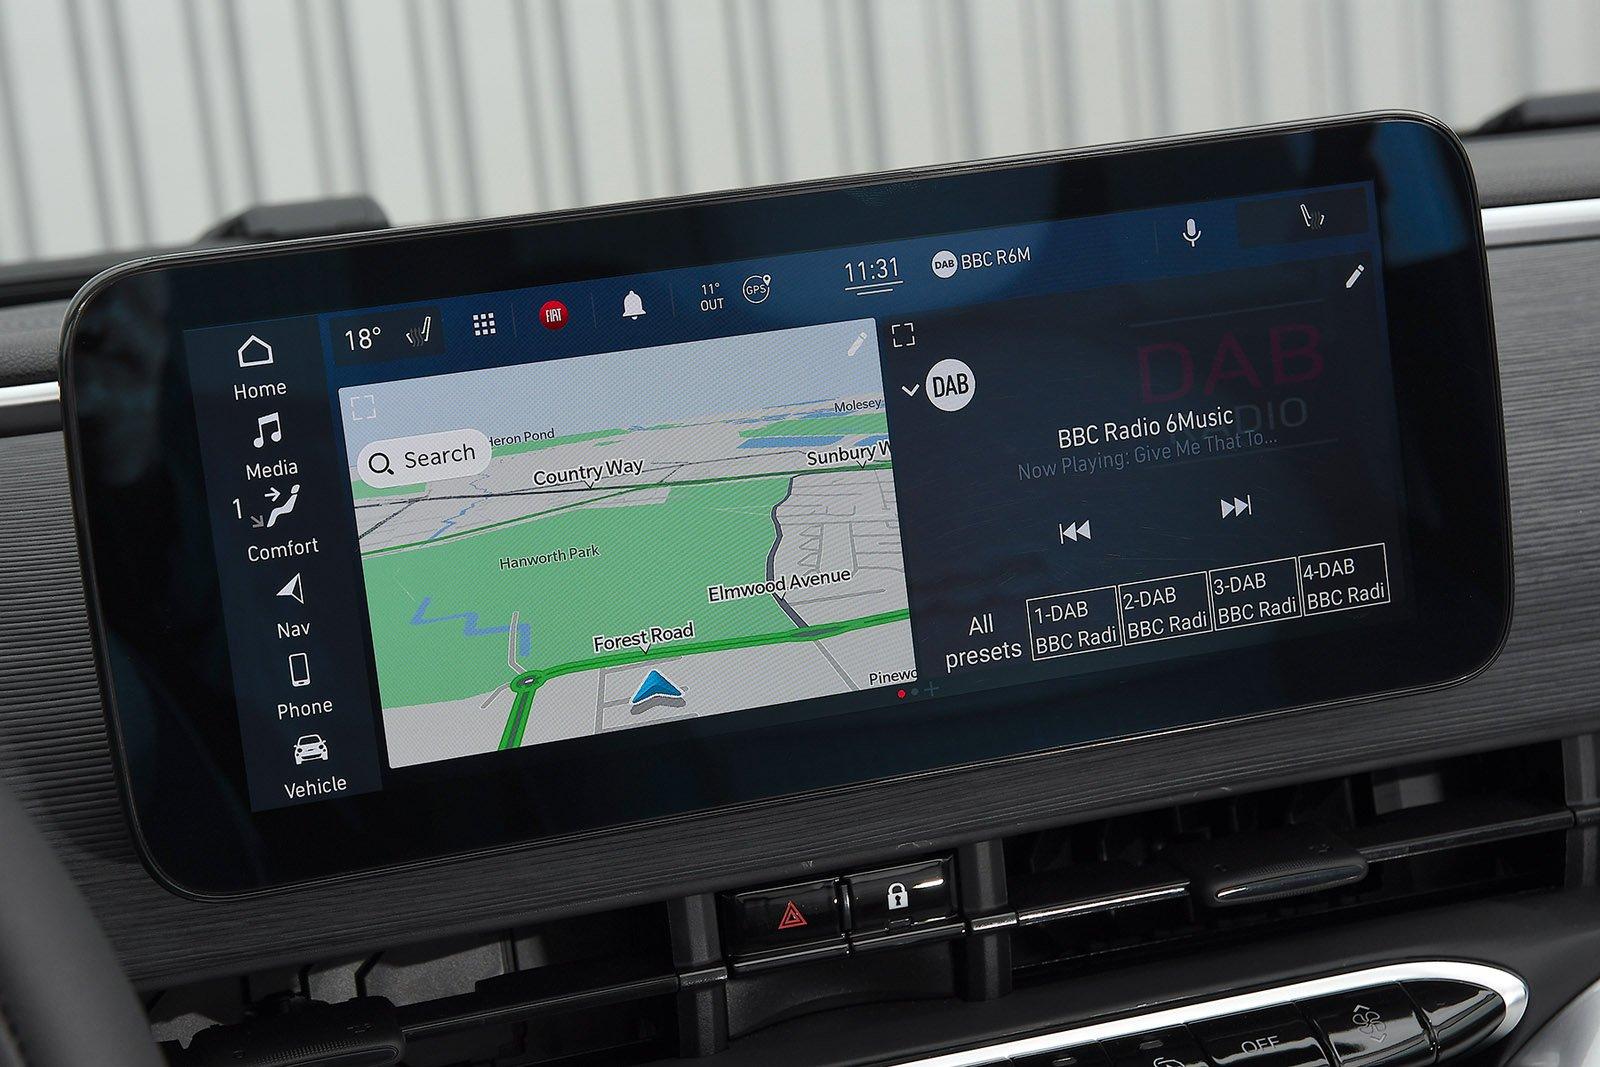 Fiat 500 2021 LHD infotainment